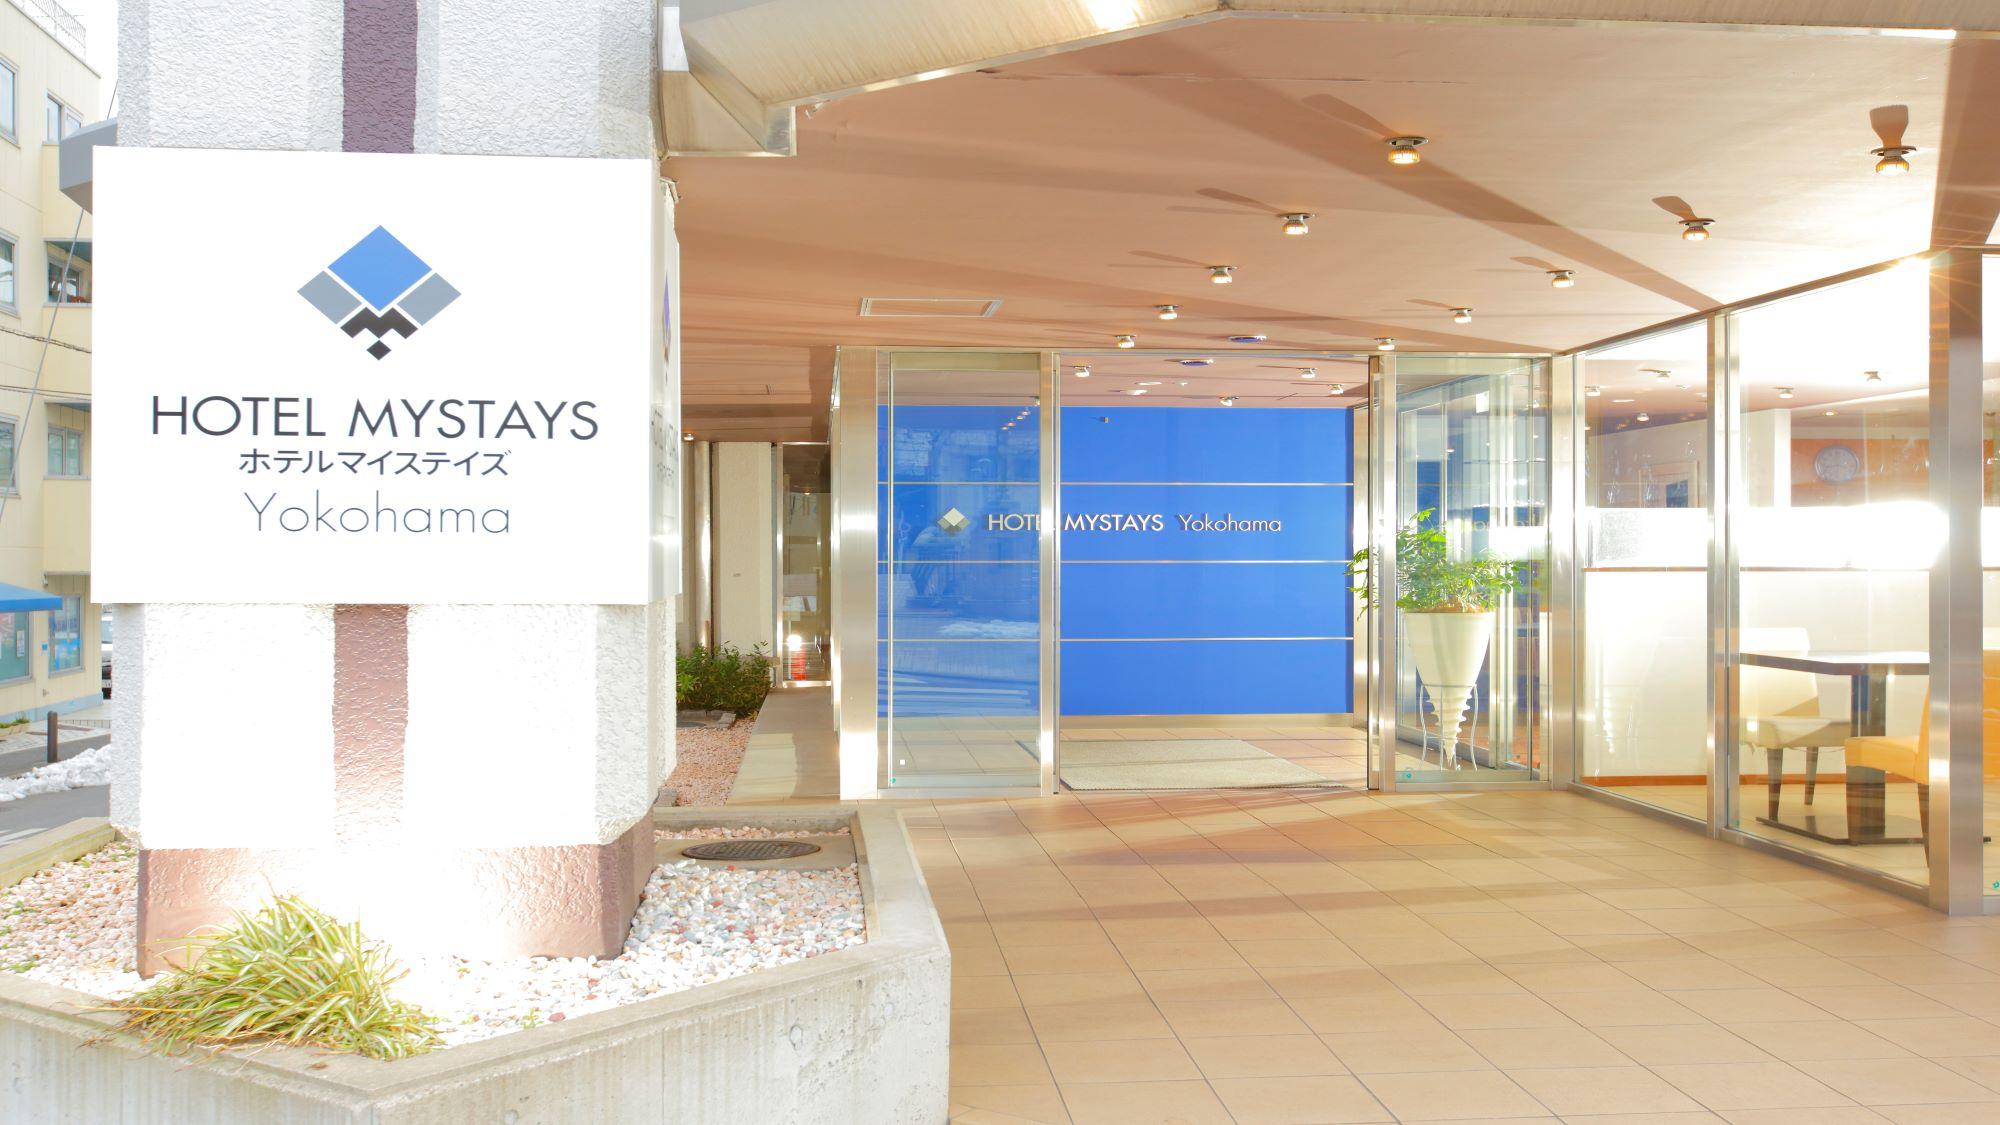 ホテル マイステイズ 横浜◆楽天トラベル